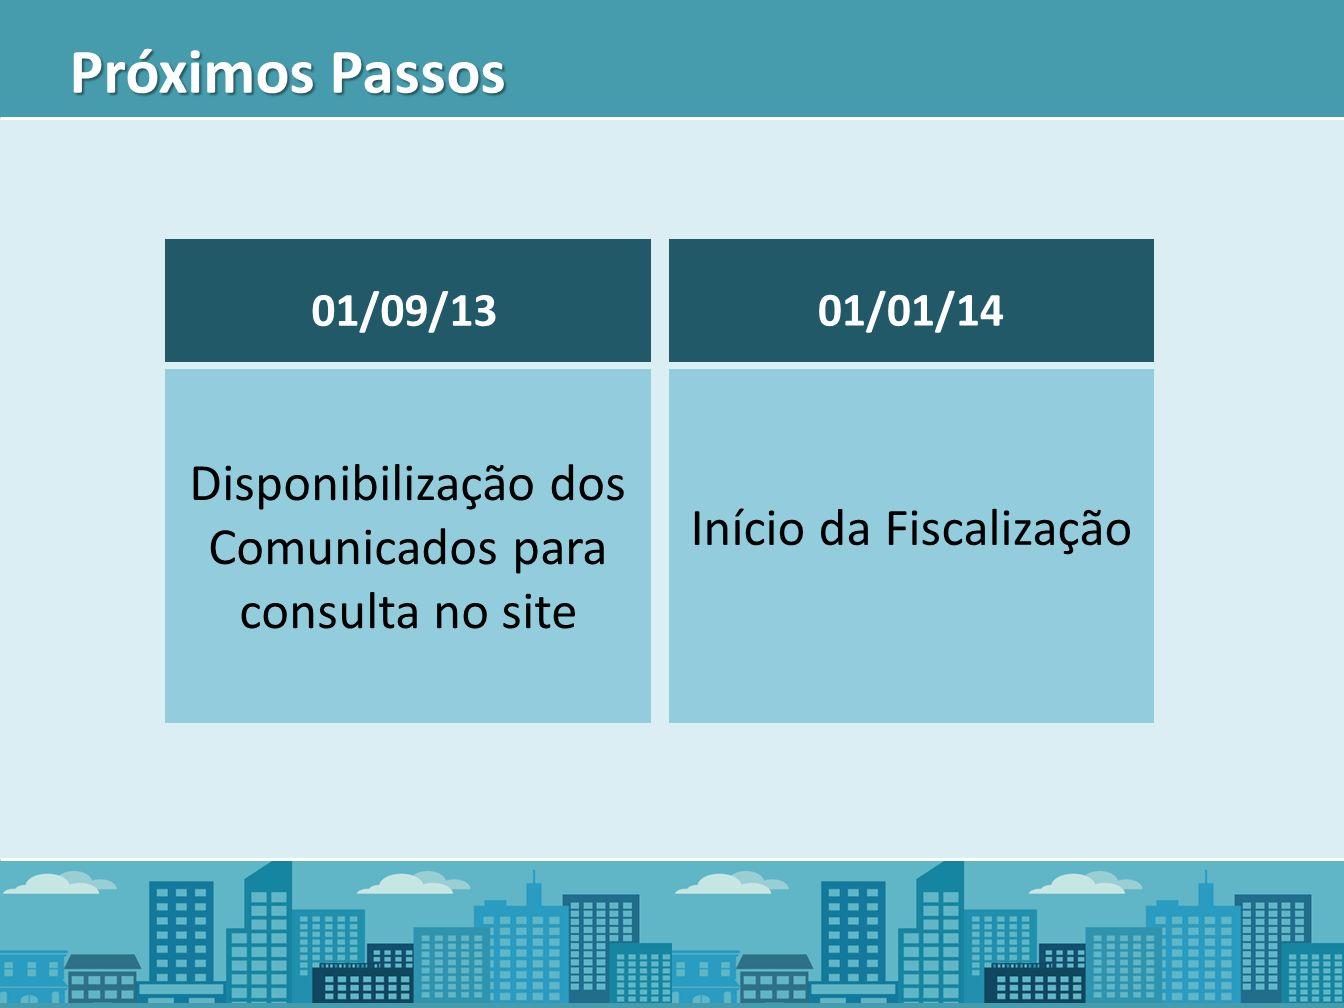 Próximos Passos Disponibilização dos Comunicados para consulta no site 01/09/13 Início da Fiscalização 01/01/14